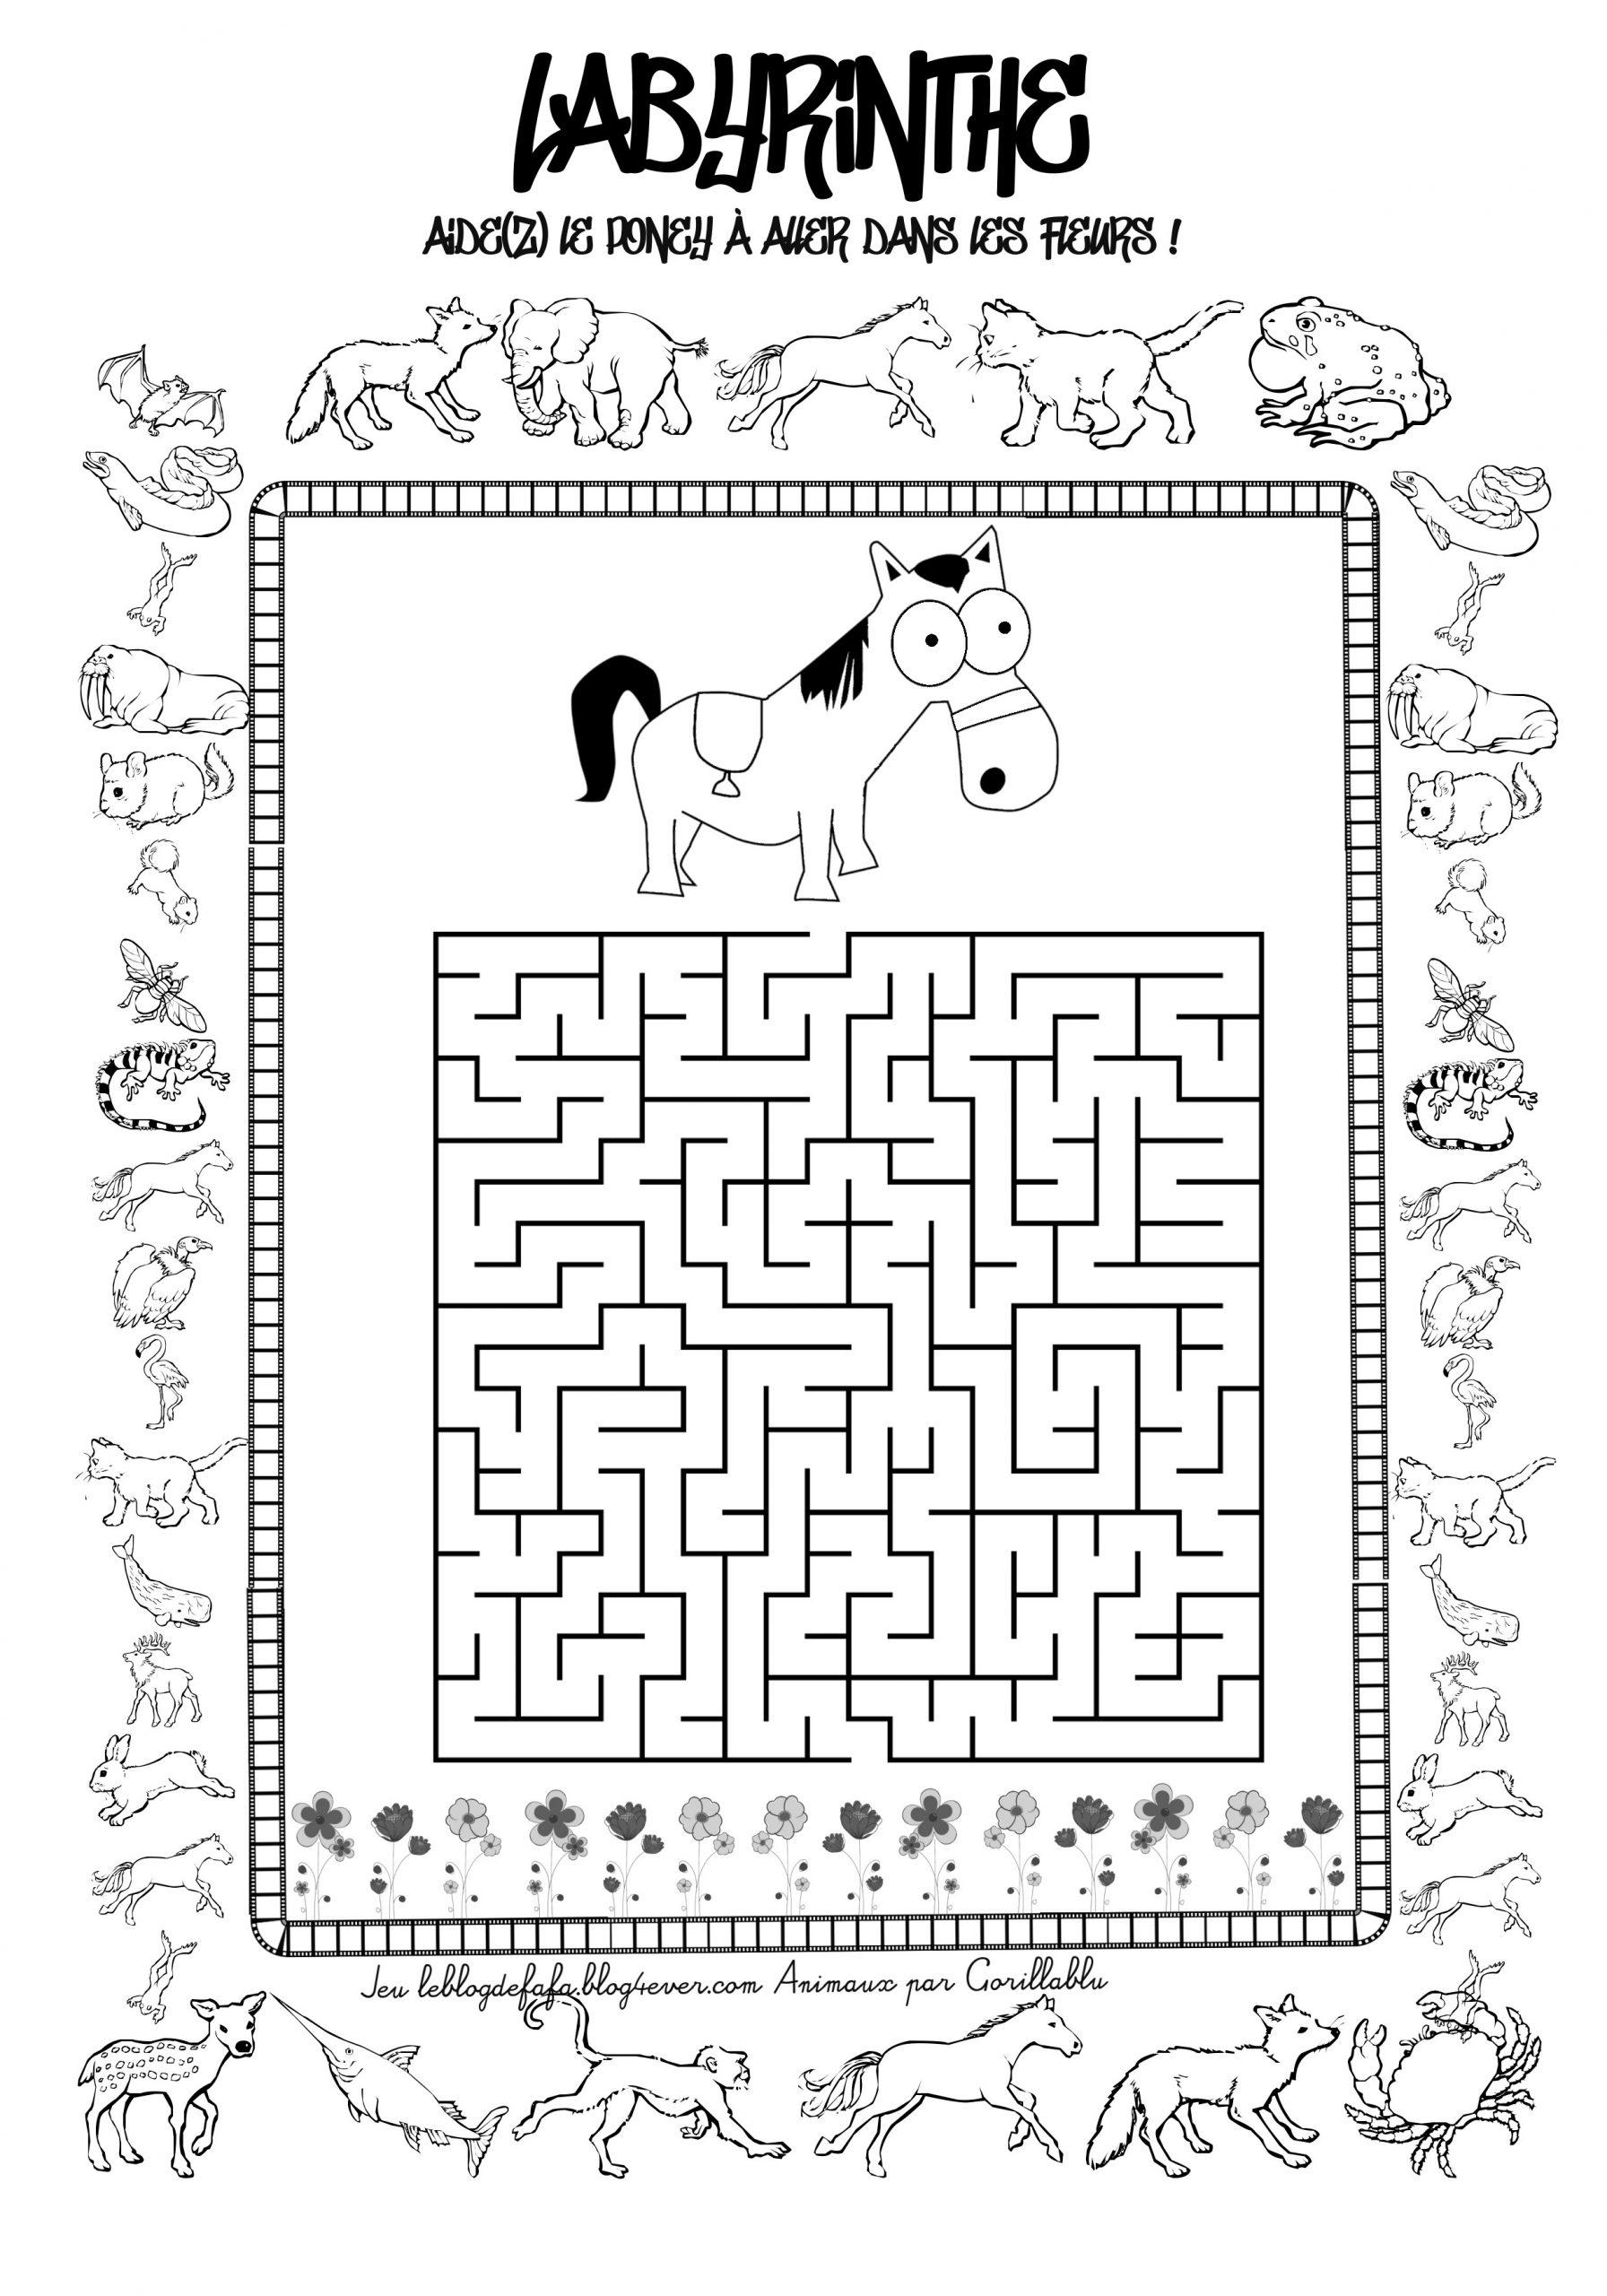 Jeux Chevaux Gratuits À Imprimer : Labyrinthes, Apprendre À concernant Jeux Point À Relier